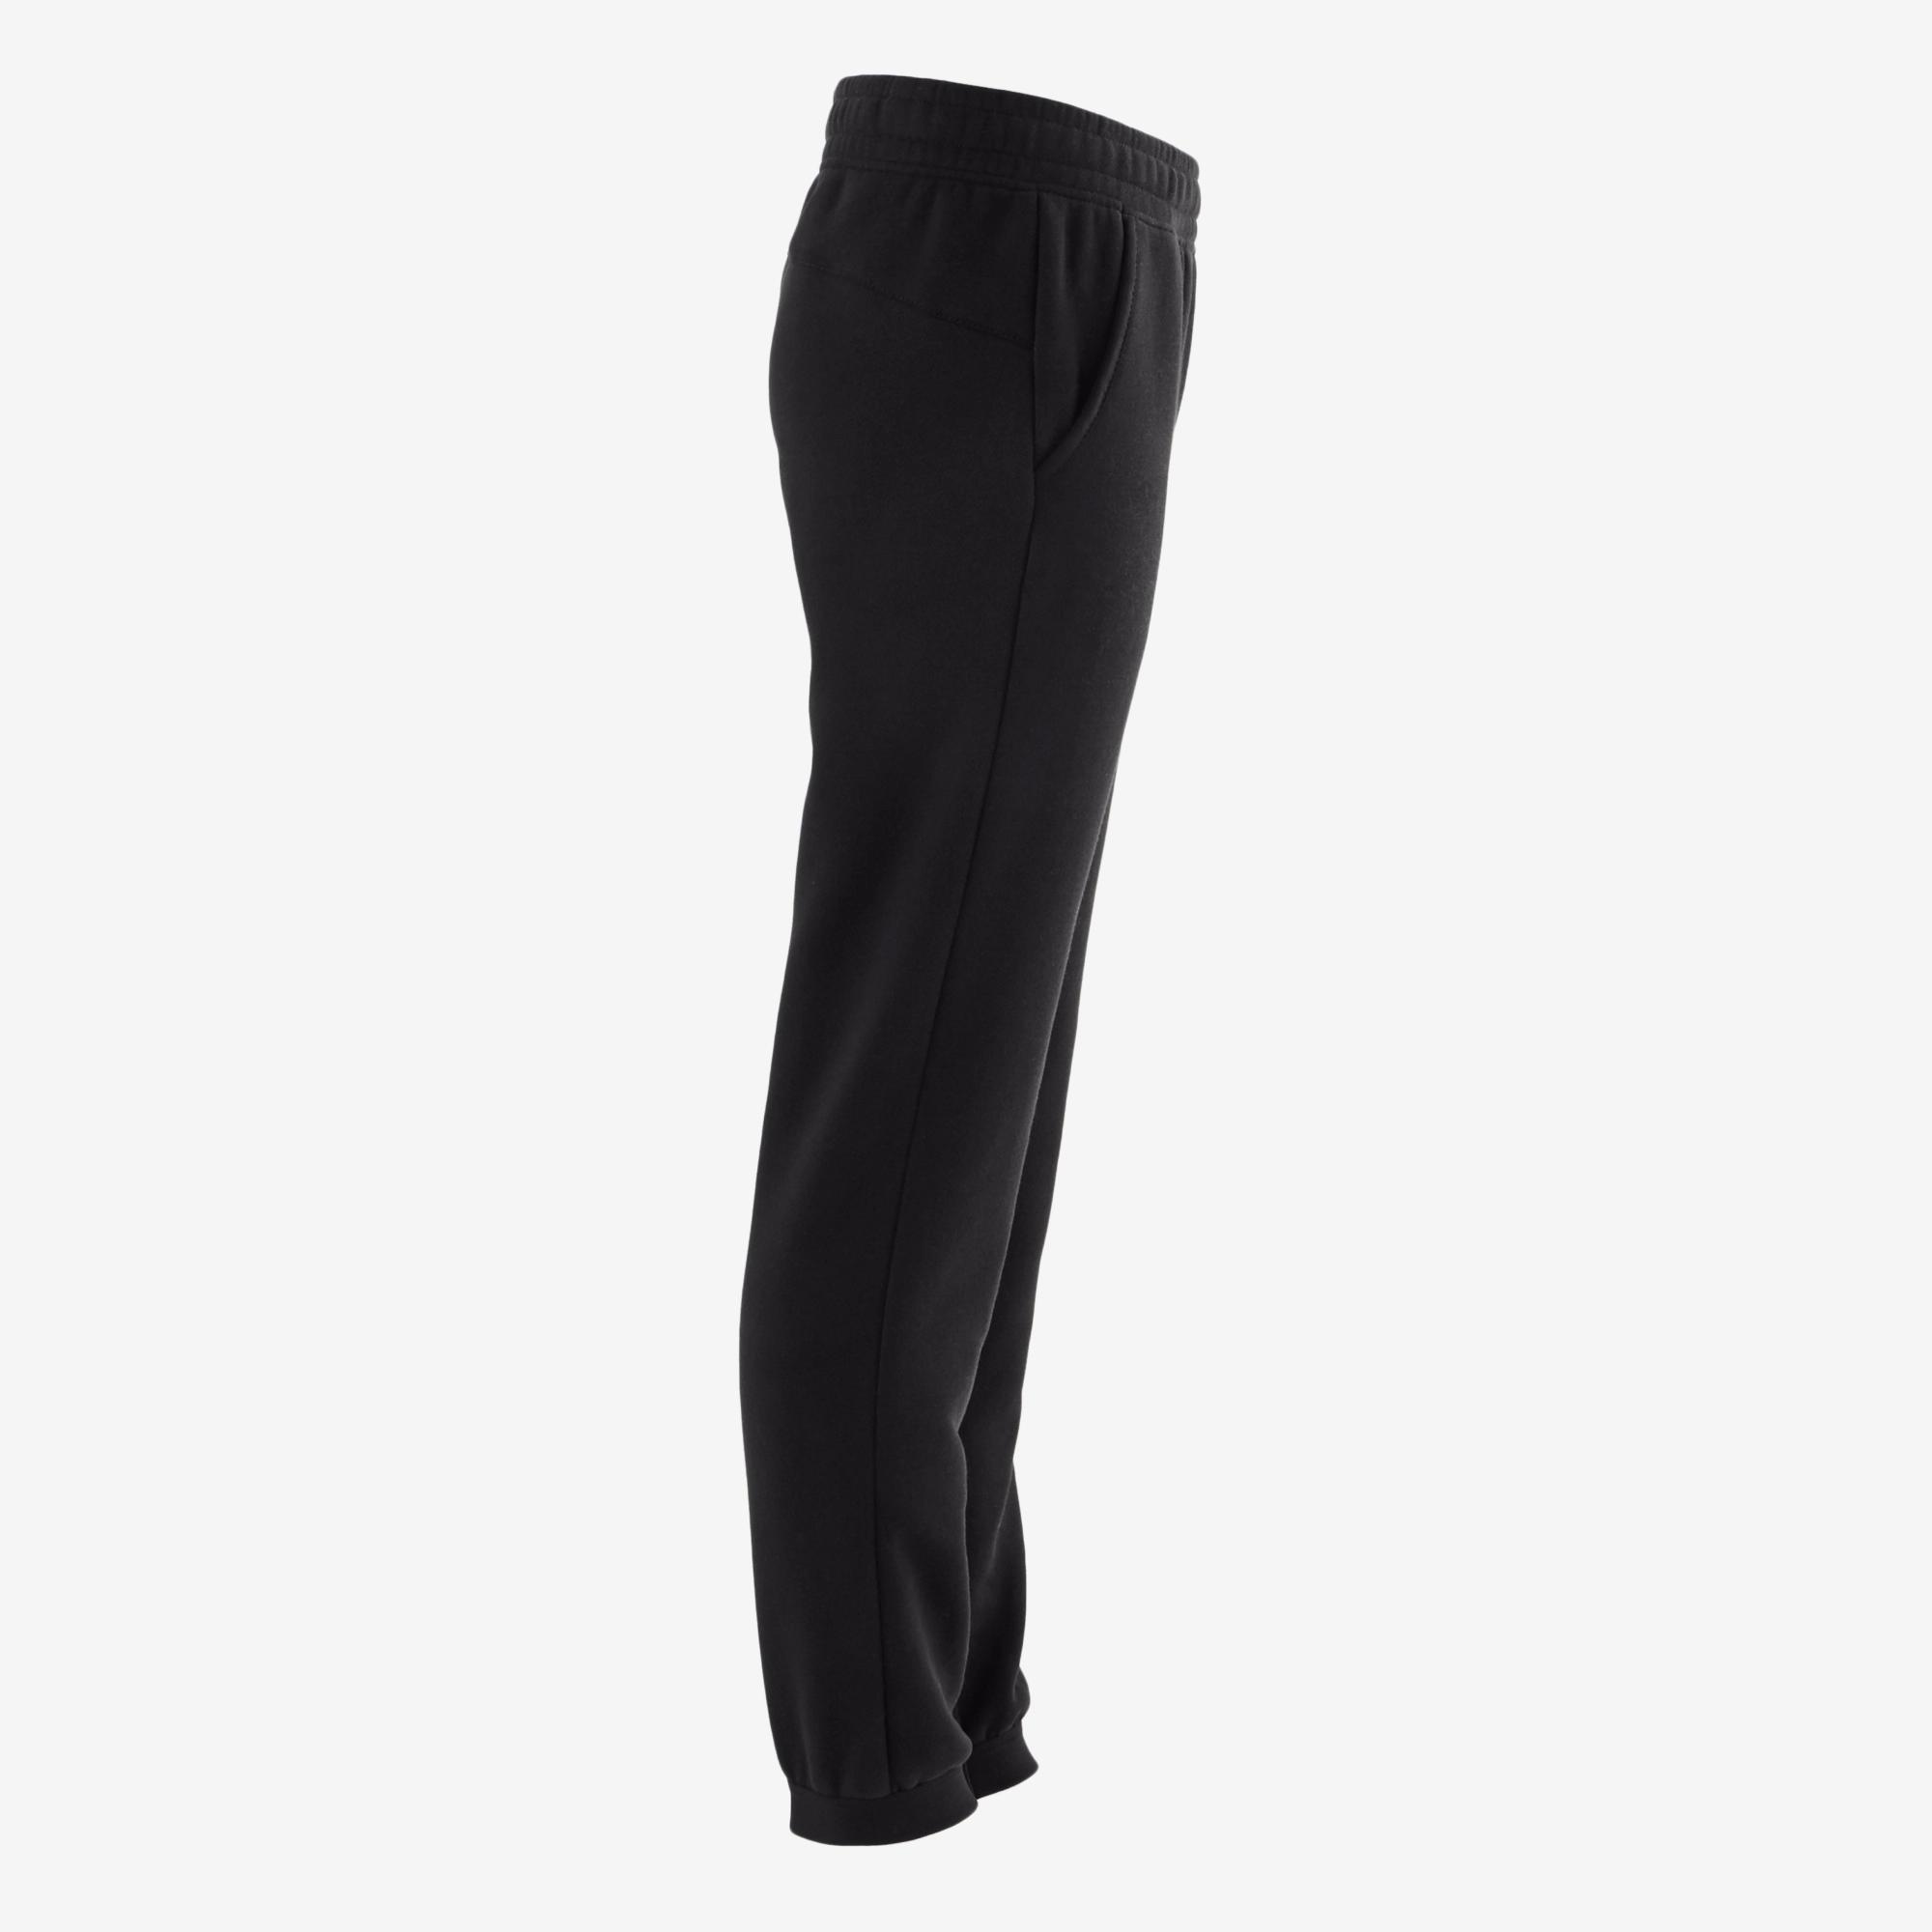 500 Boys' Fleece Gym Bottoms - Black